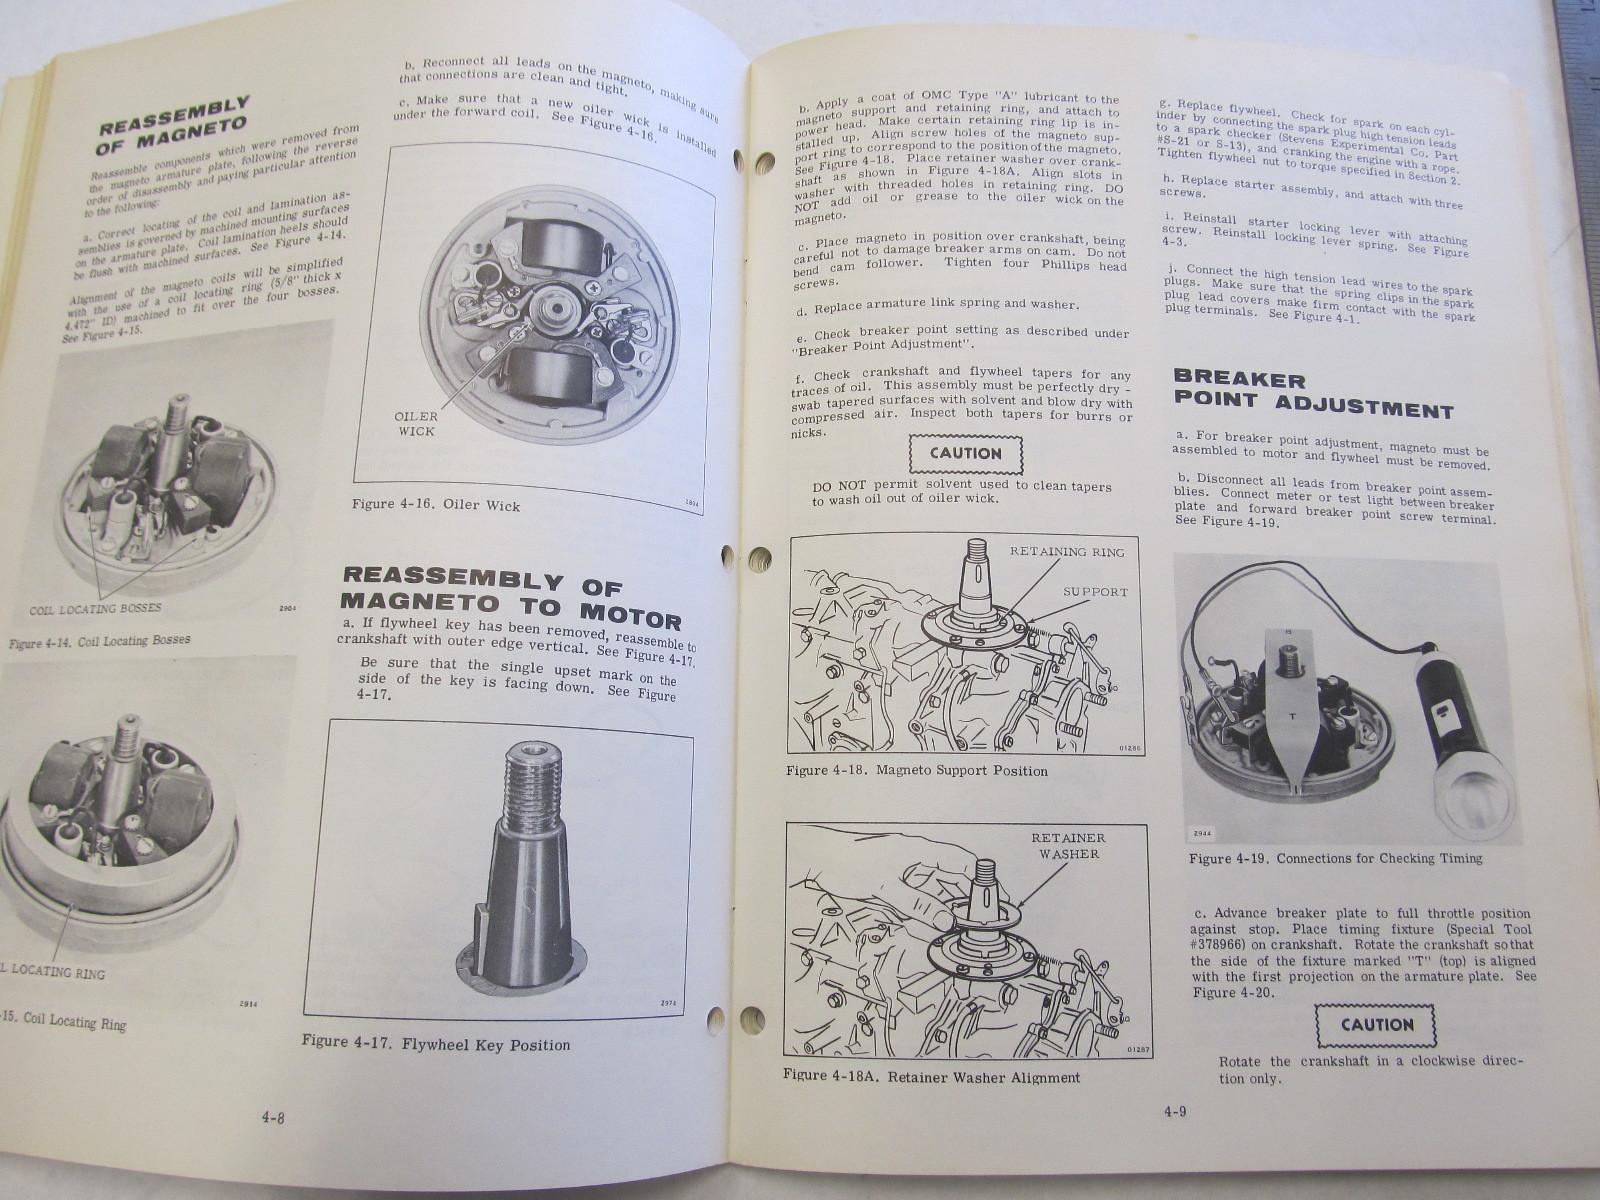 ... 1970 Evinrude Outboard Service Manual 33 HP Ski-Twin / Ski-Twin Electric